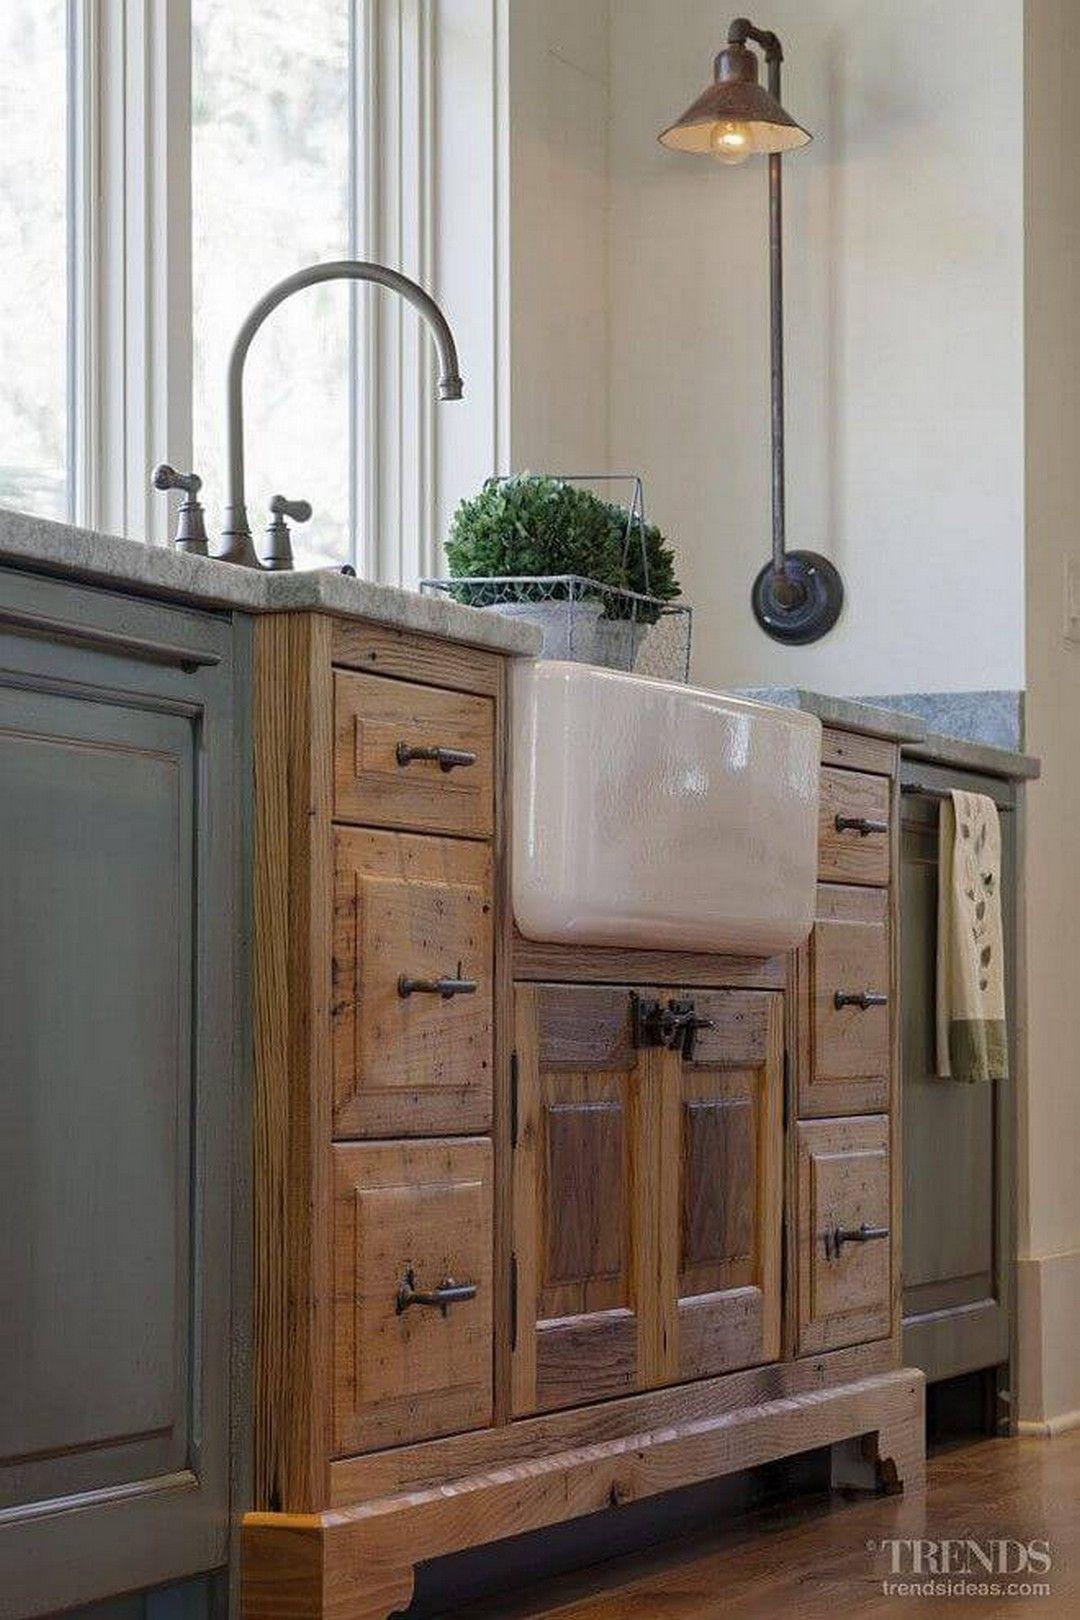 Luxurious Designs of Farmhouse Kitchen that You Should Improve - GoodNewsArchitecture #farmhousekitchendecor